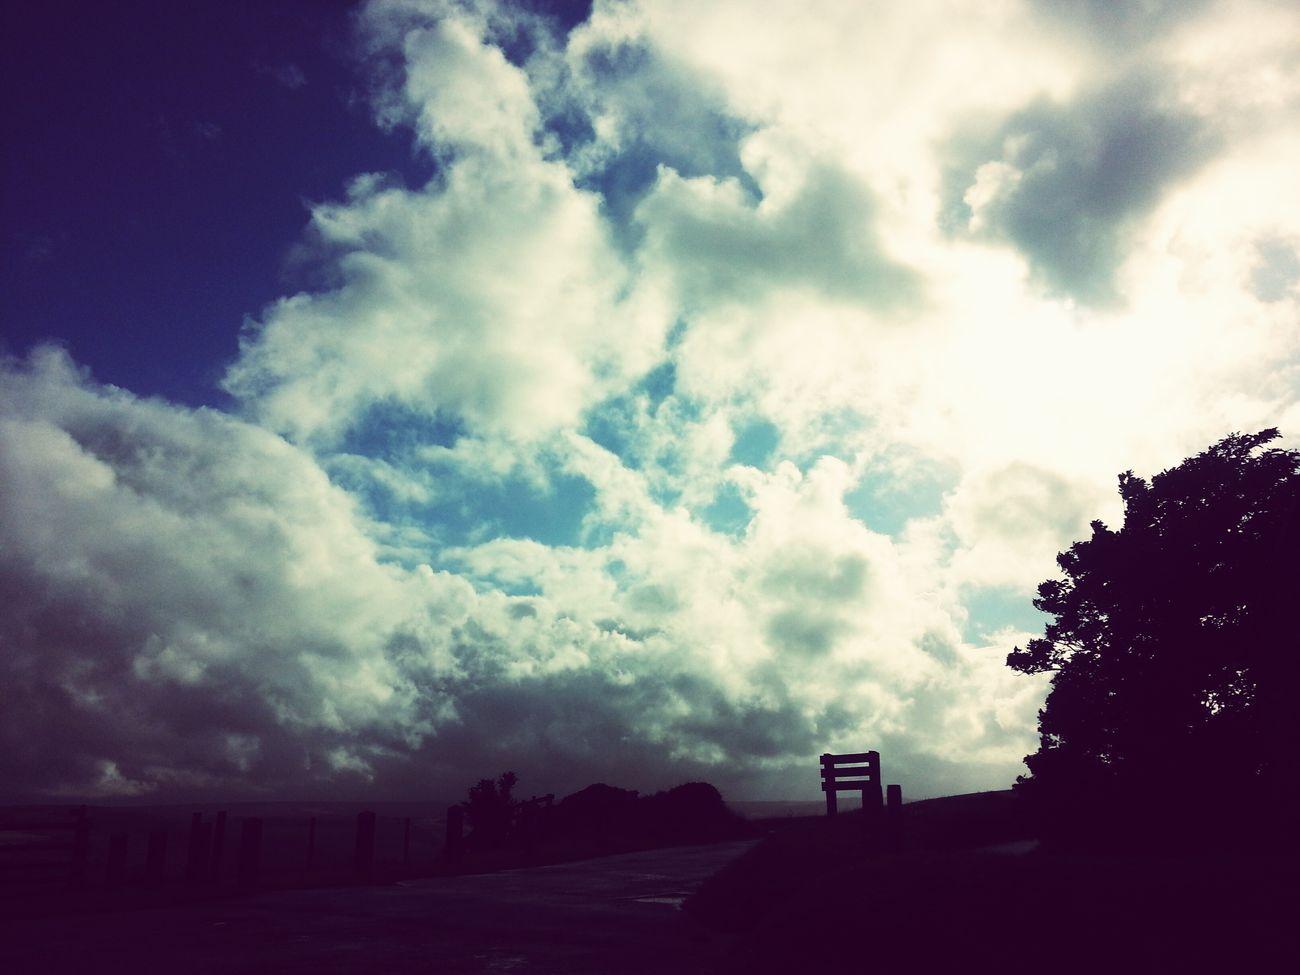 Exmoor - Devon Atmospheric Great Outdoors